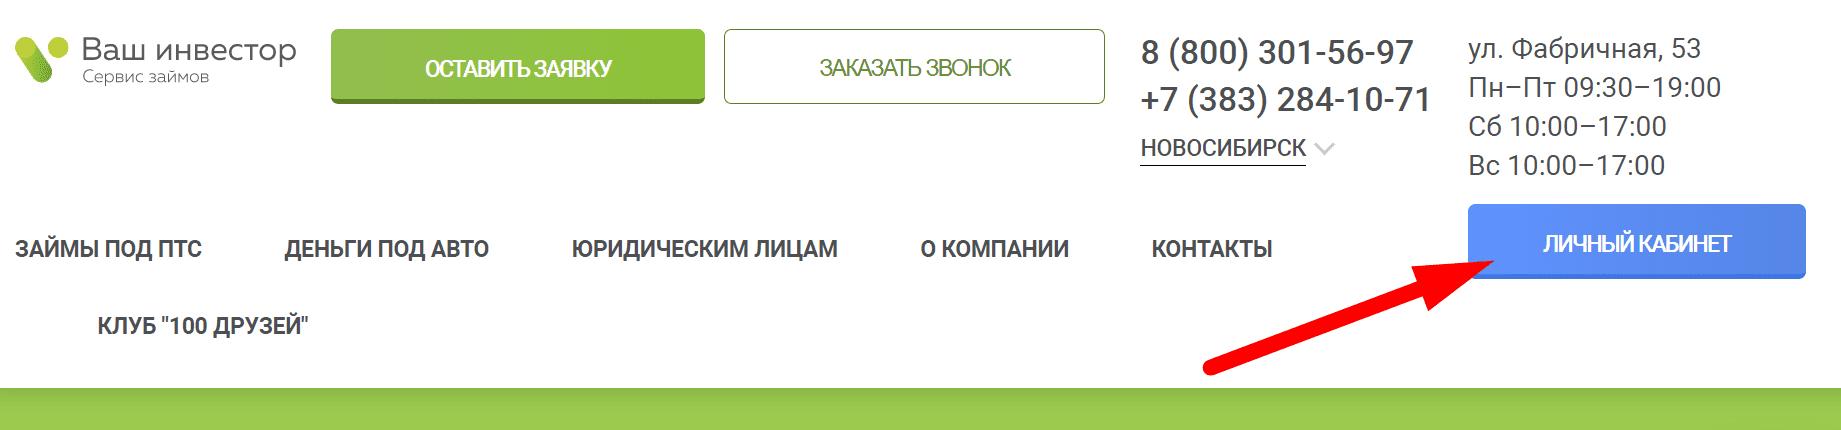 Официальный сайт займодателя «Ваш инвестор»